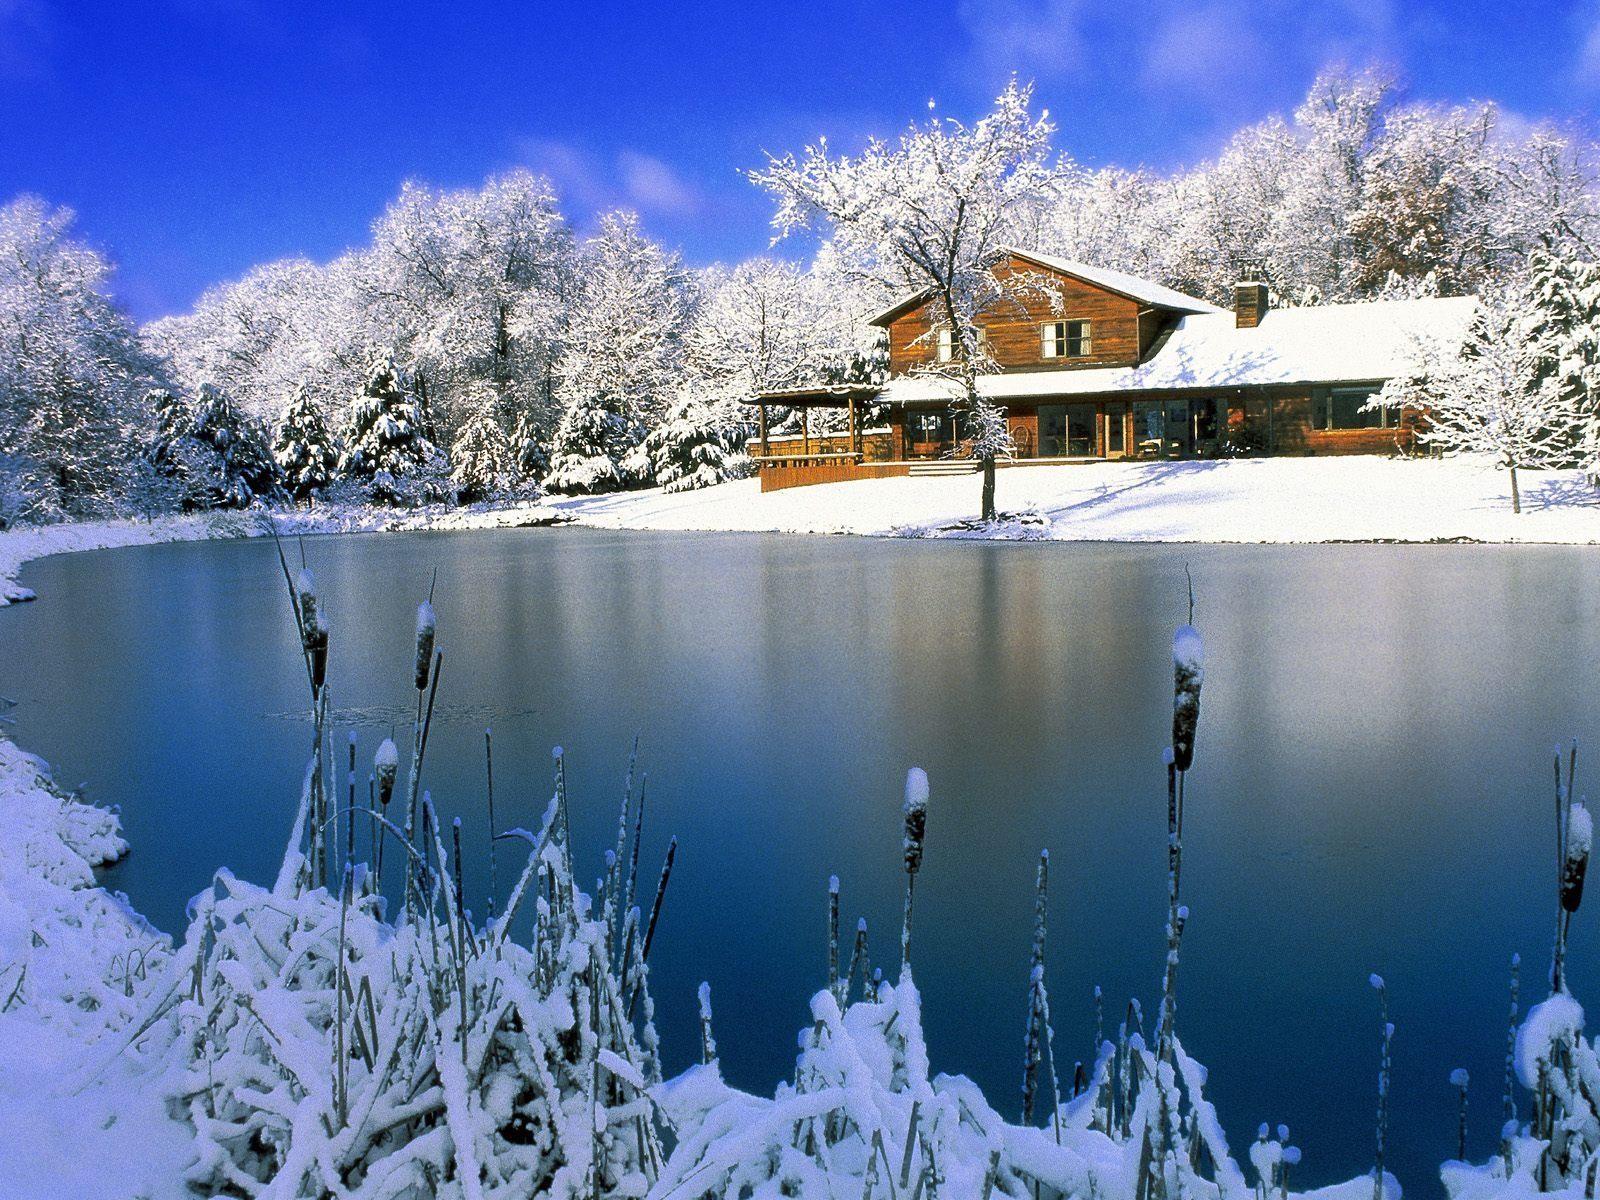 Winter Landscape Wallpaper Full HD 1600x1200